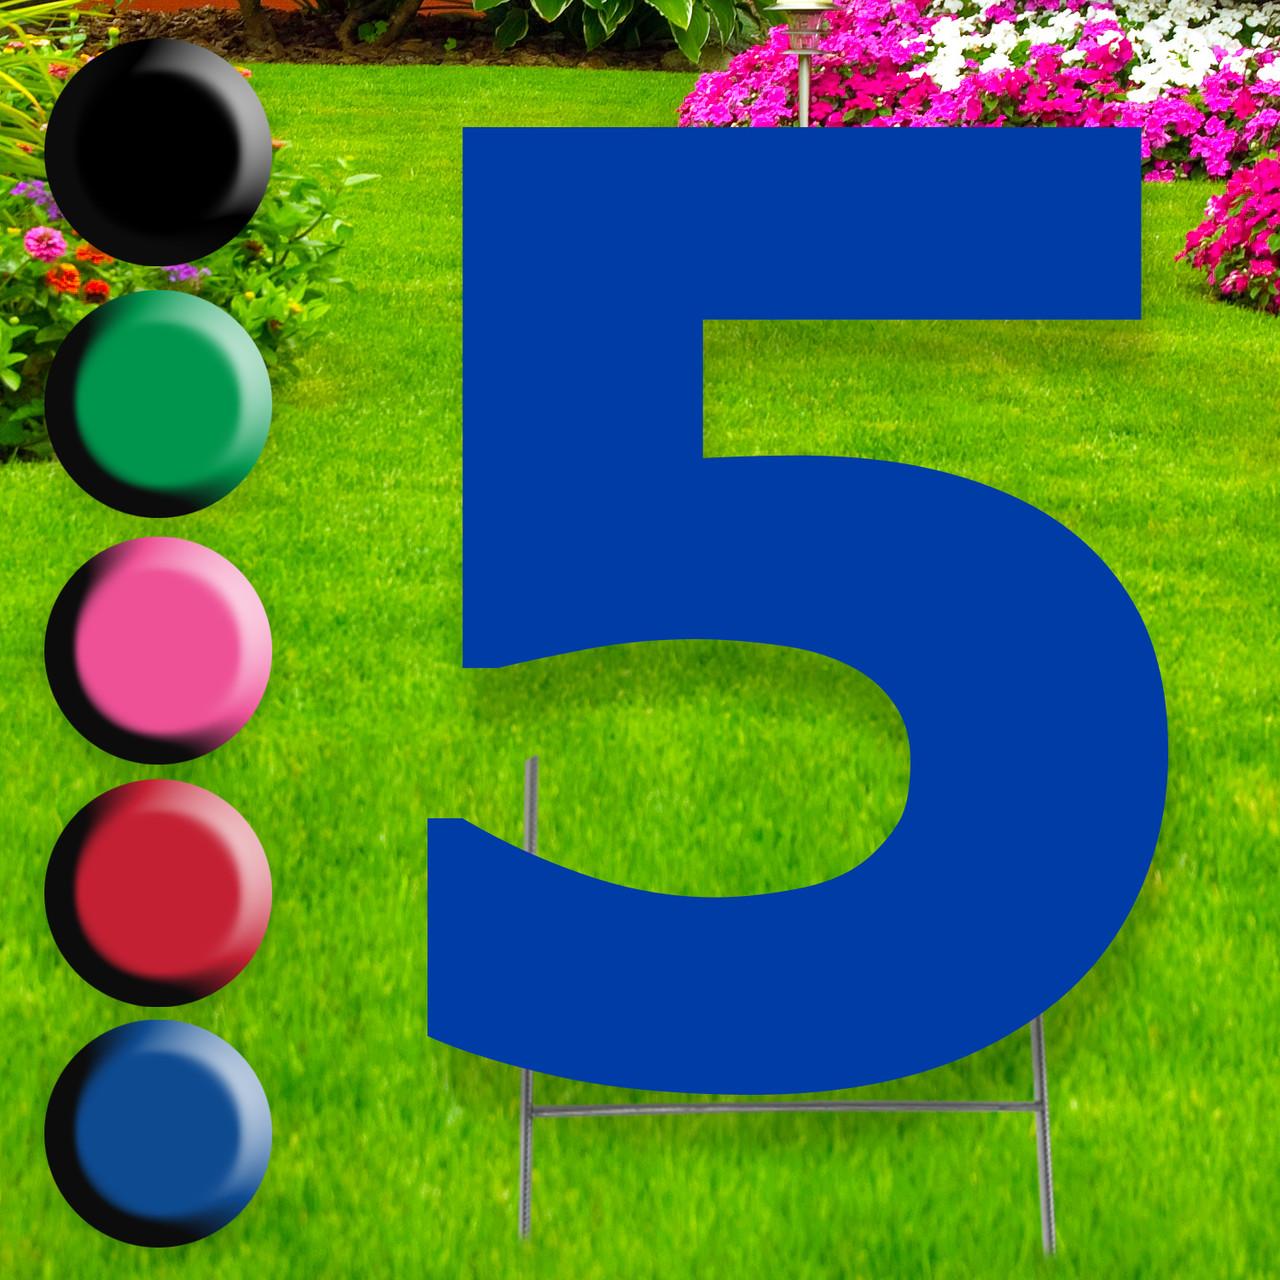 Number 5 yard sign